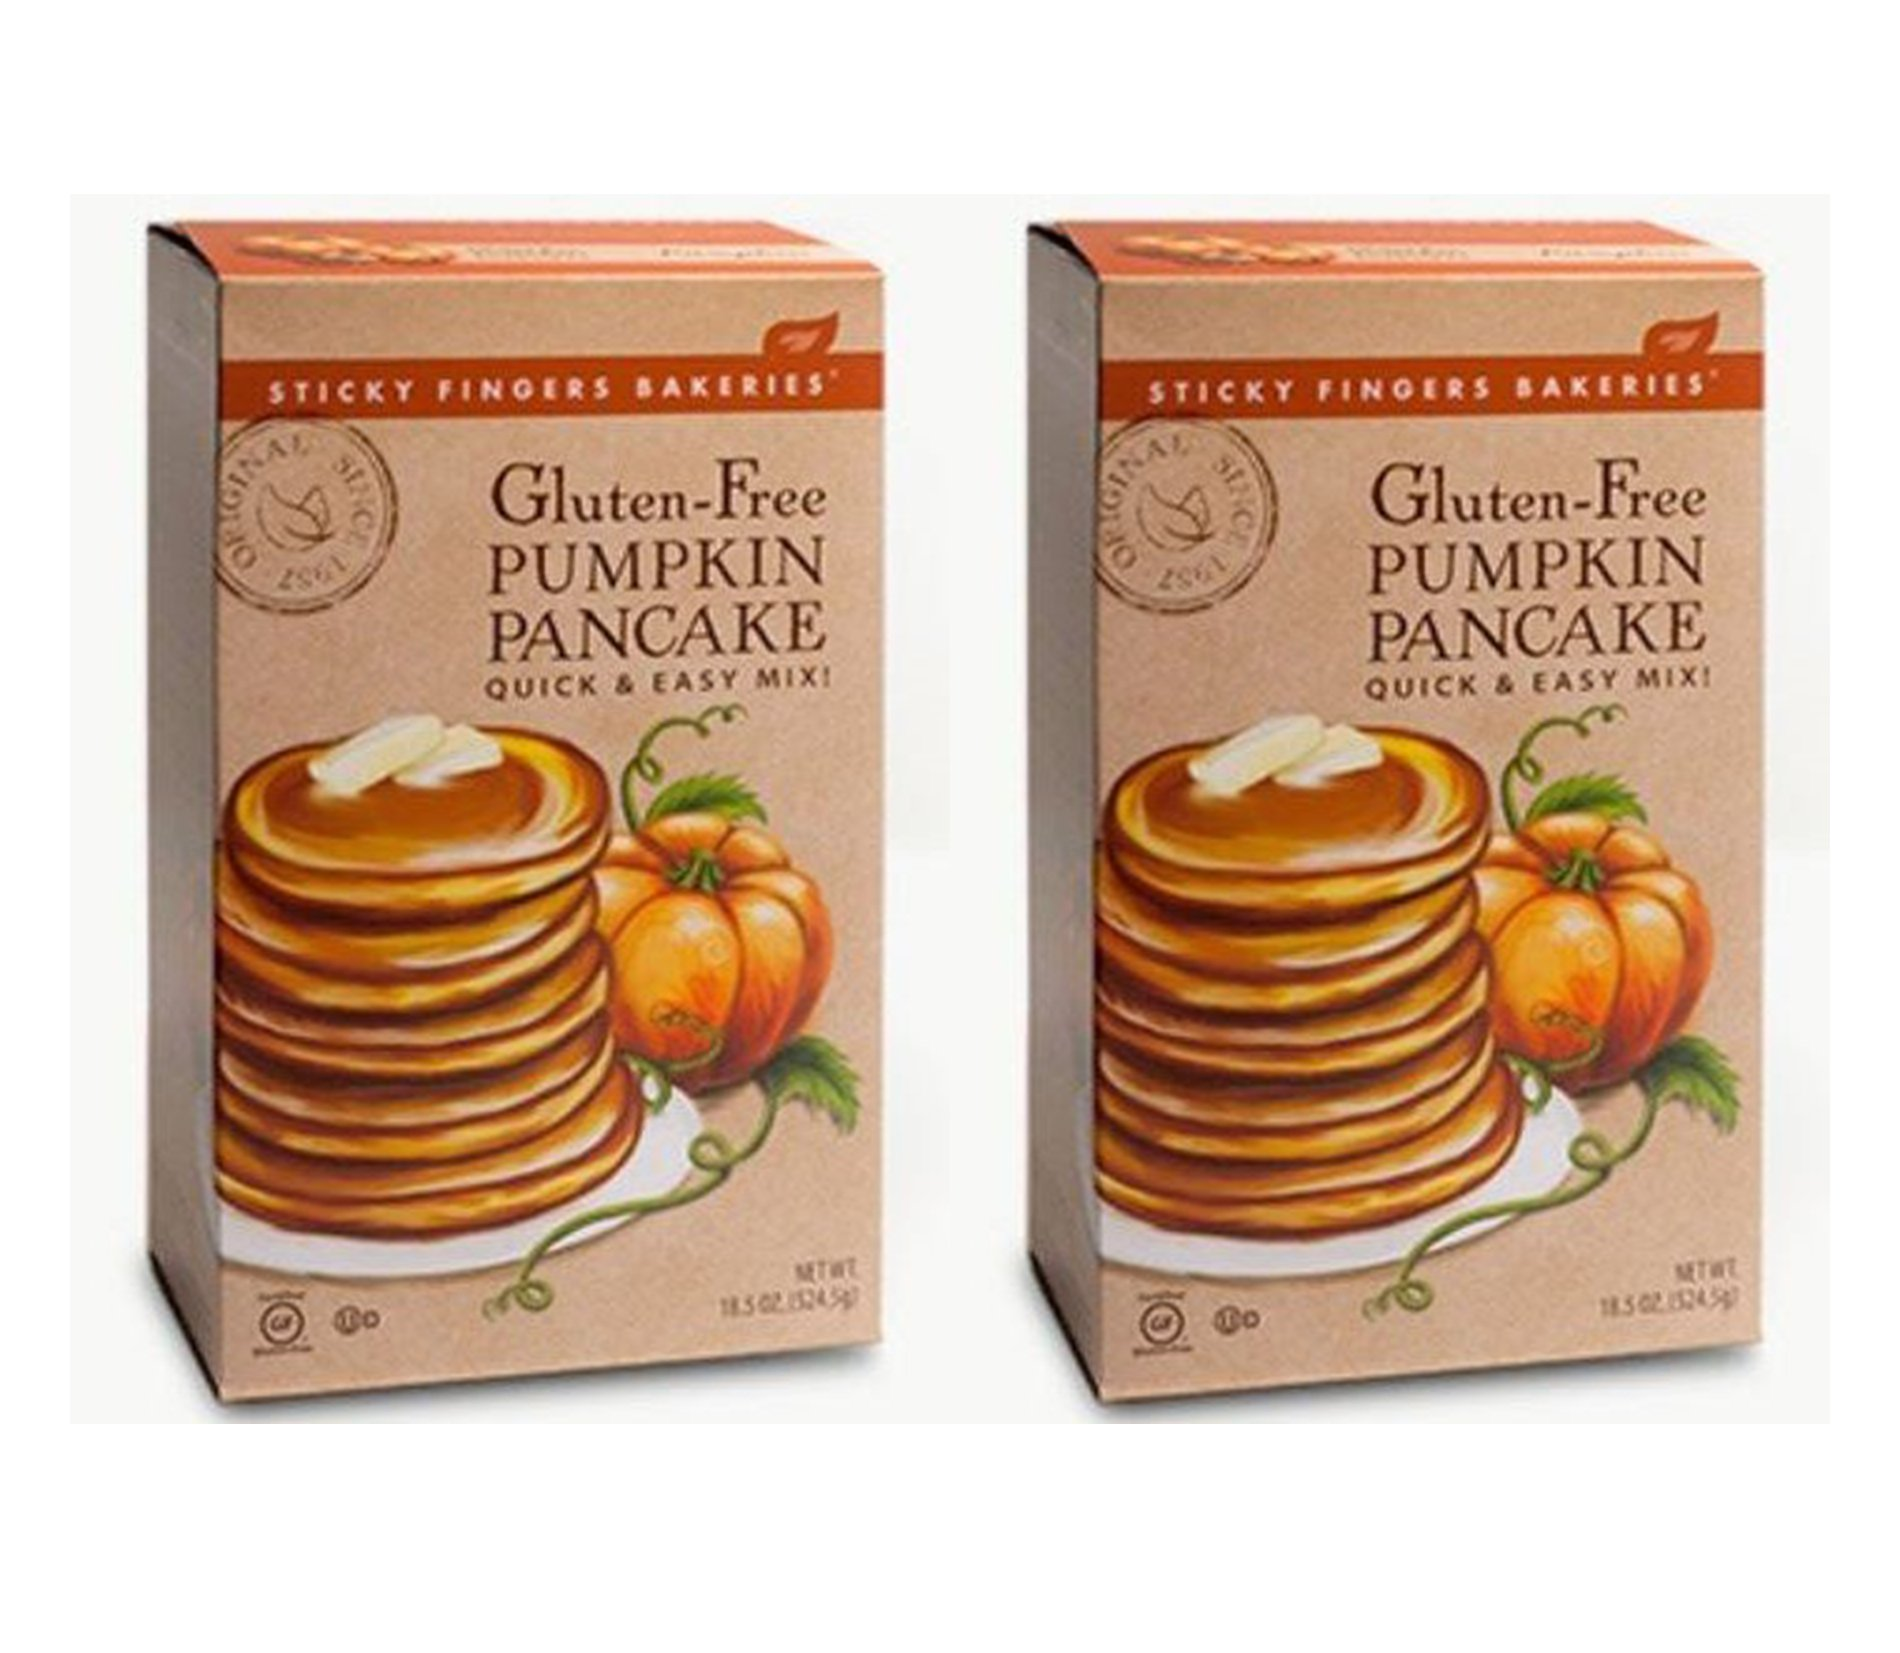 Gluten-Free Pumpkin Pancake Mix 18.5 oz. Box - Pack Of 2 (Pumpkin, Pack Of 2) by Sticky Fingers Bakeries